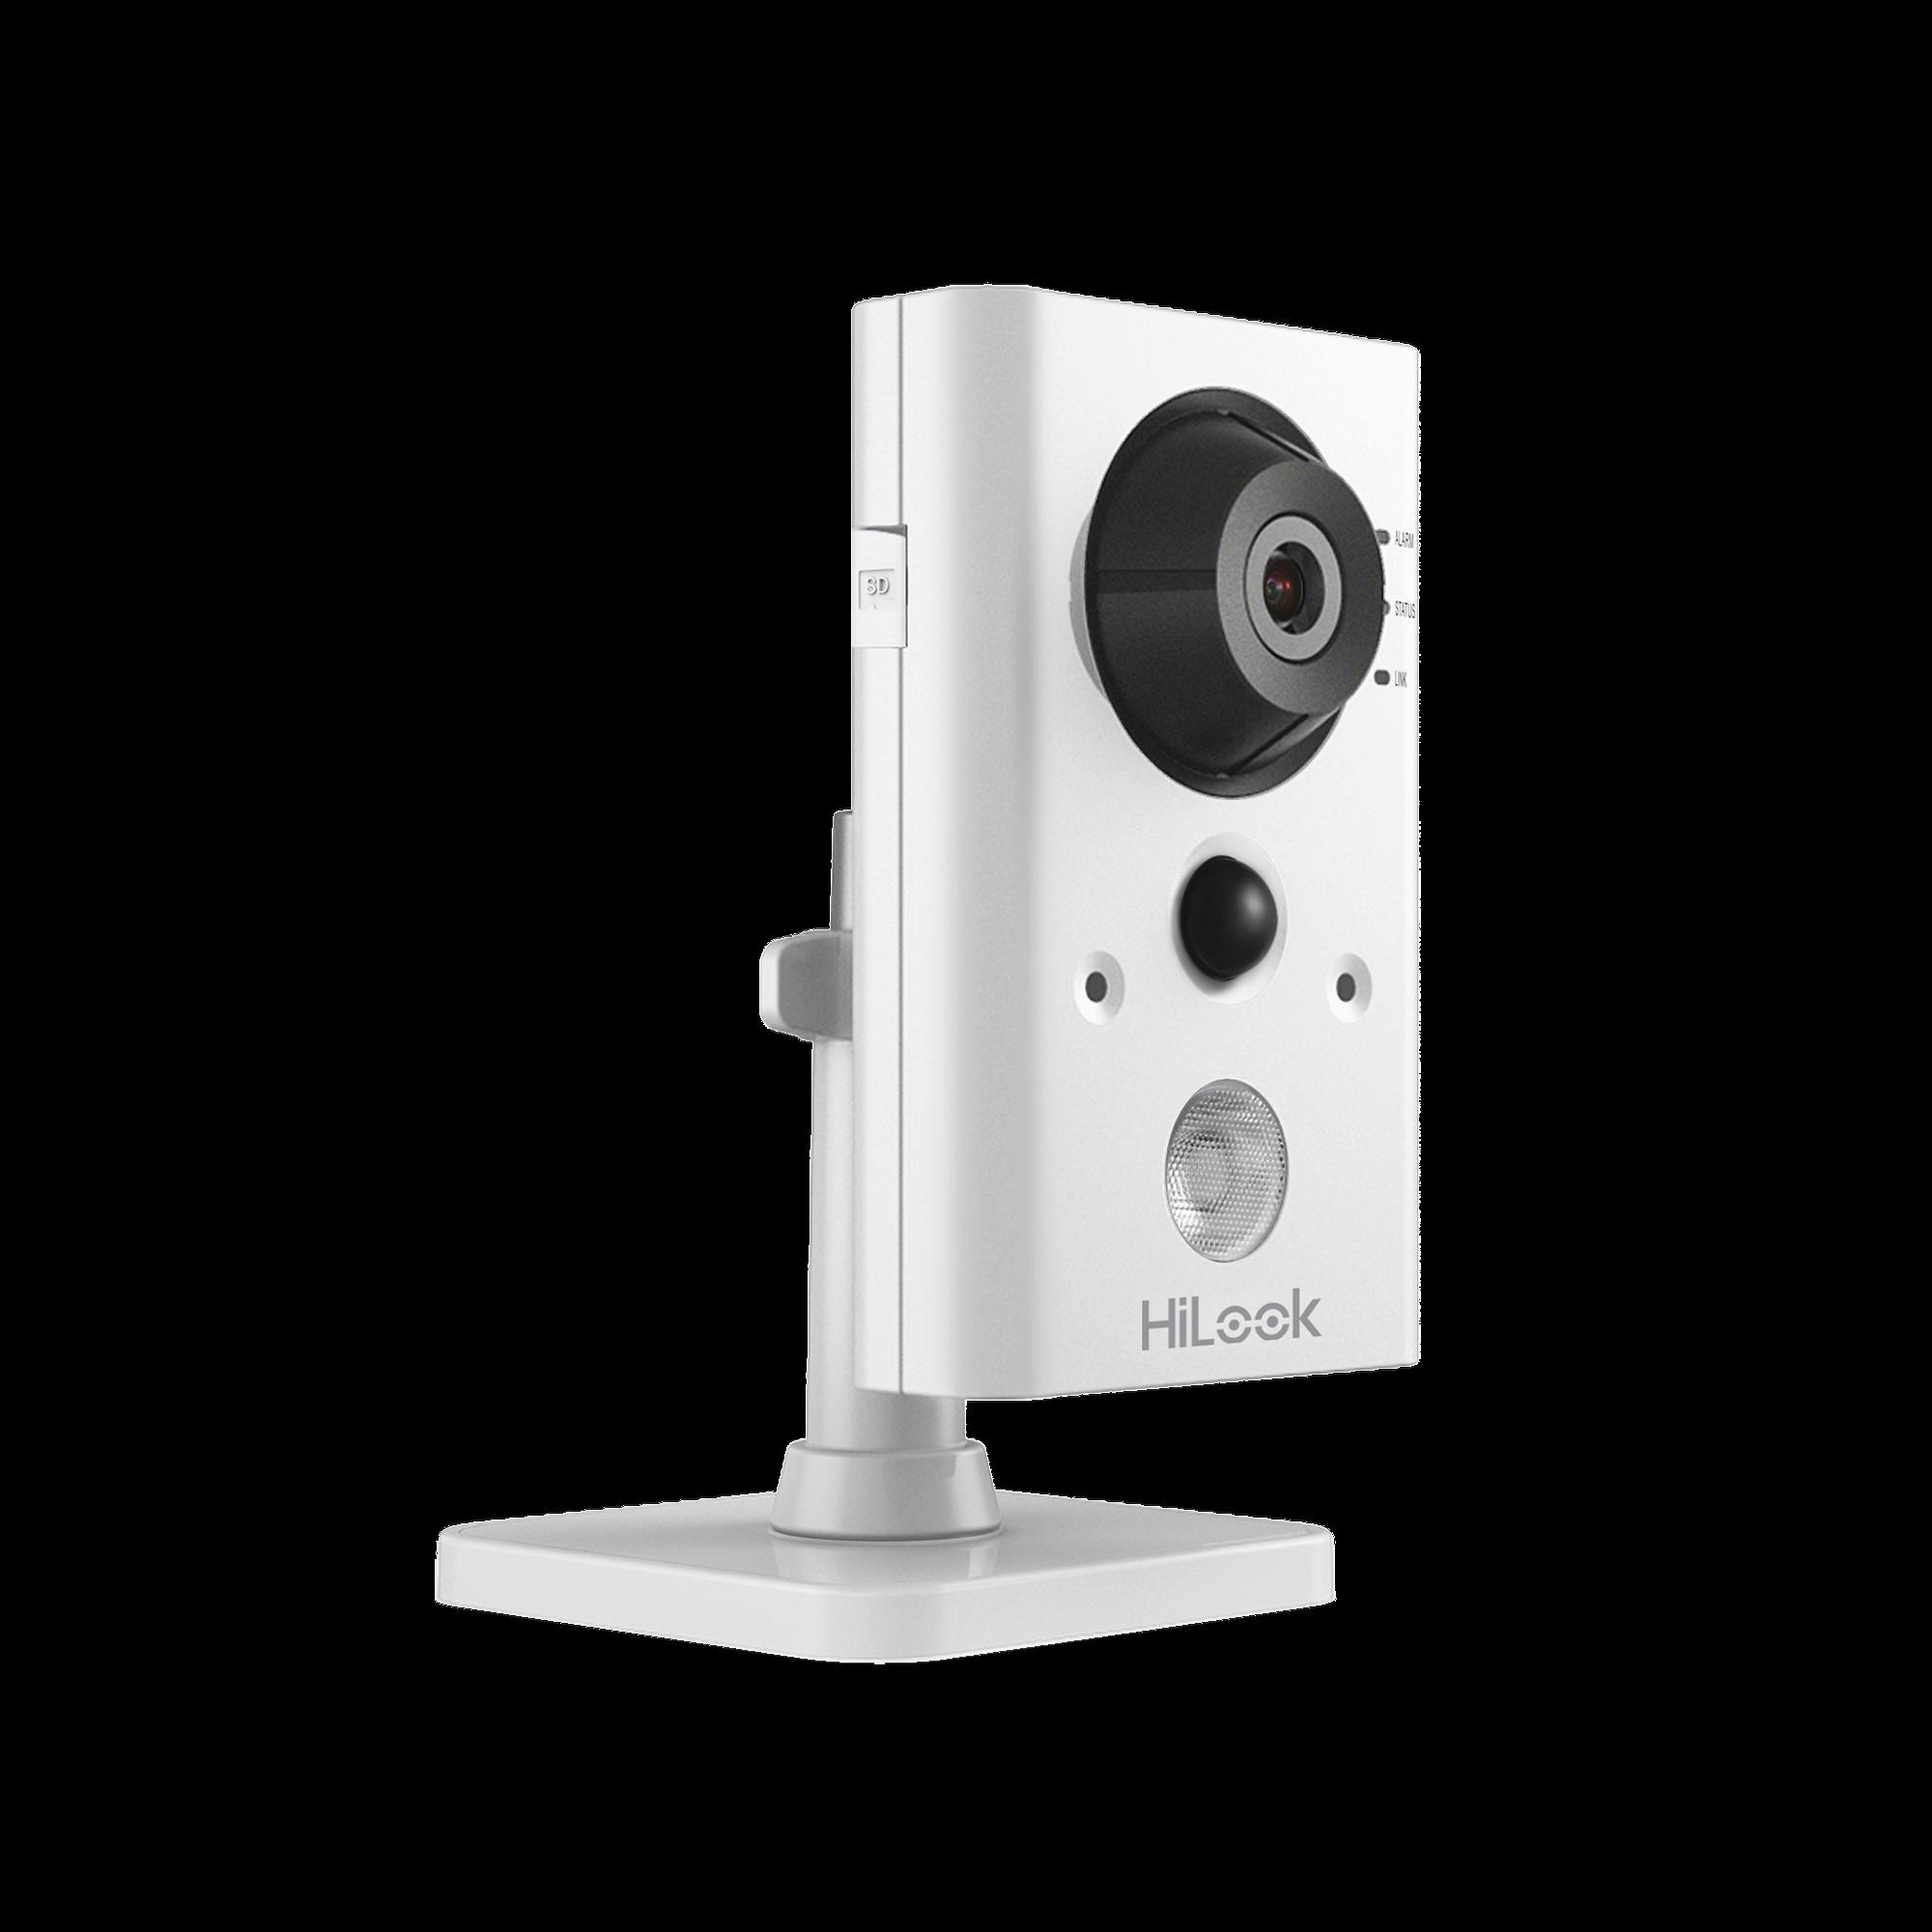 Cubo IP 1 Megapixel / Lente 2.8 mm / 10 mts IR / Sensor PIR Integrado / WiFi / Audio de Dos Vias / Memoria Micro SD / P2P / Entrada y Salida de Audio y Alarma